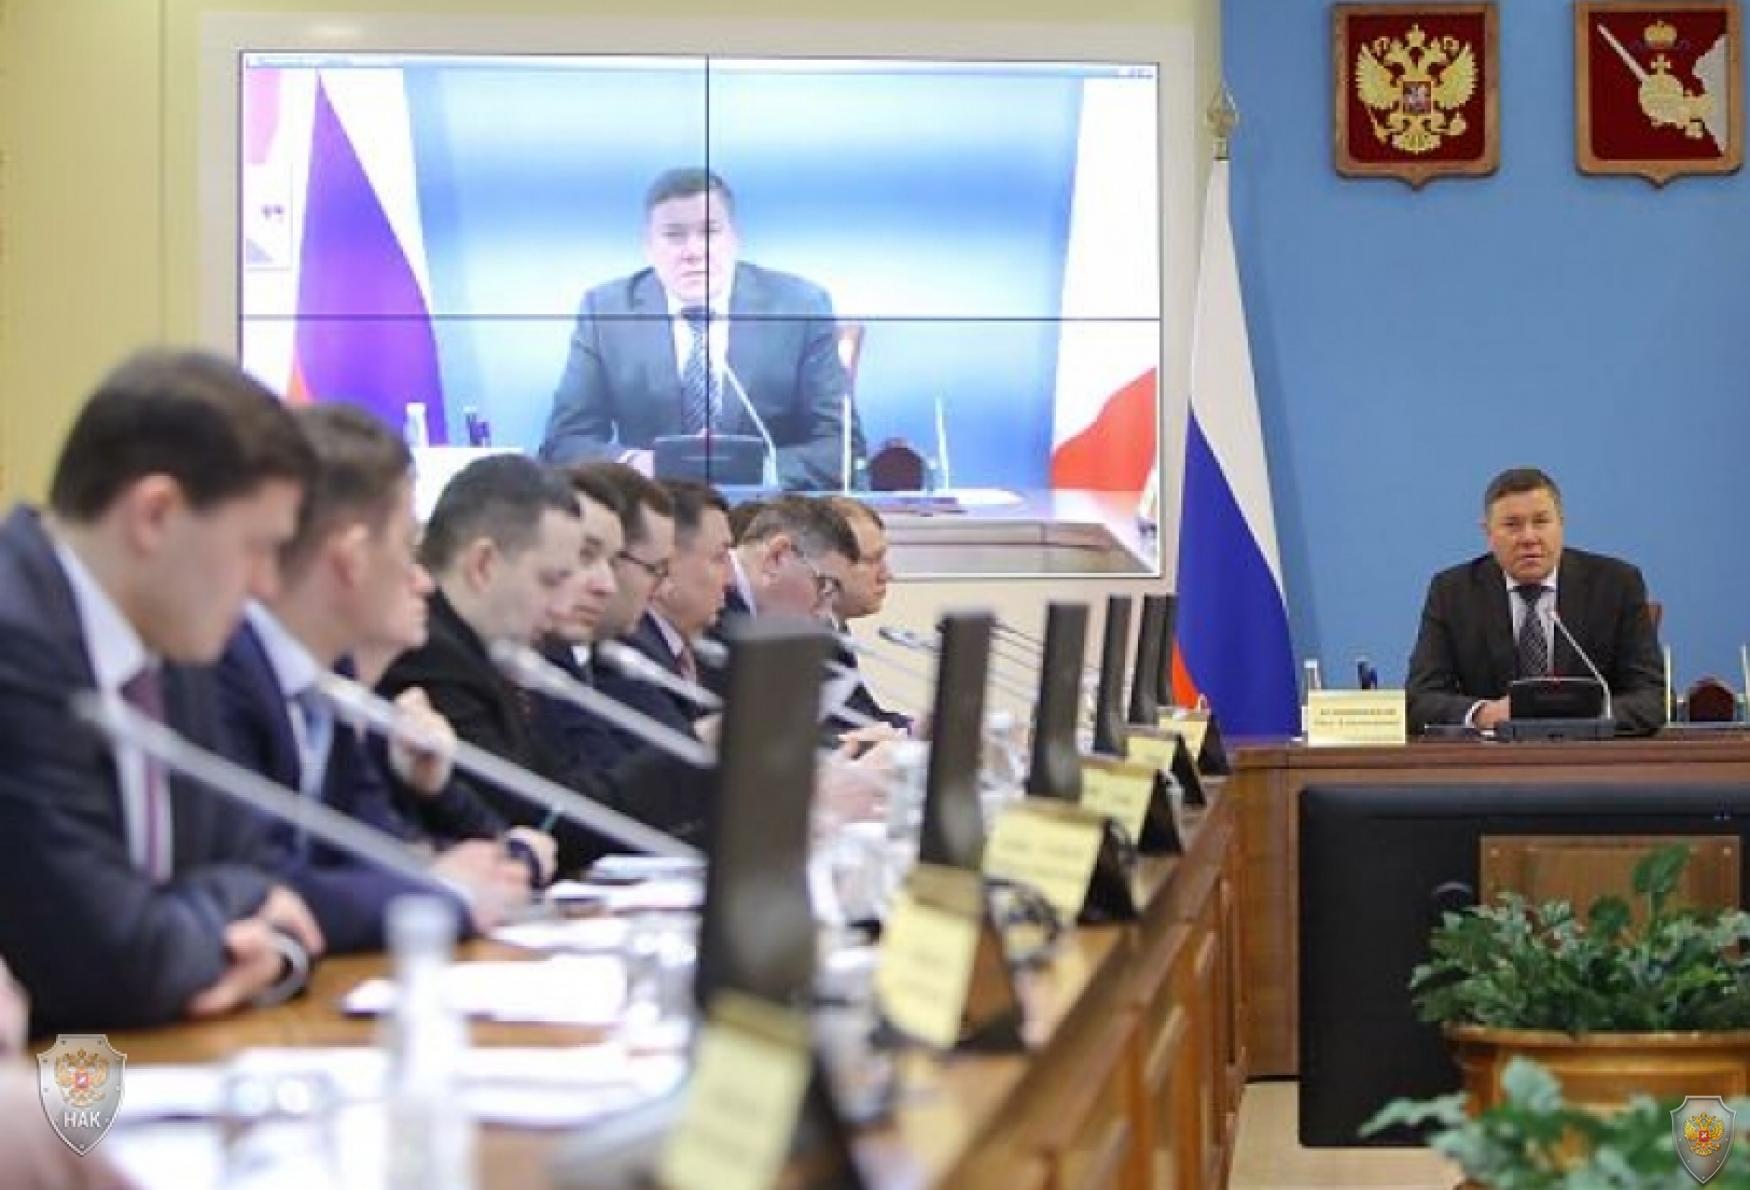 Председатель АТК области - губернатор Вологодской области О.А. Кувшинников, члены АТК области и приглашенные на заседание